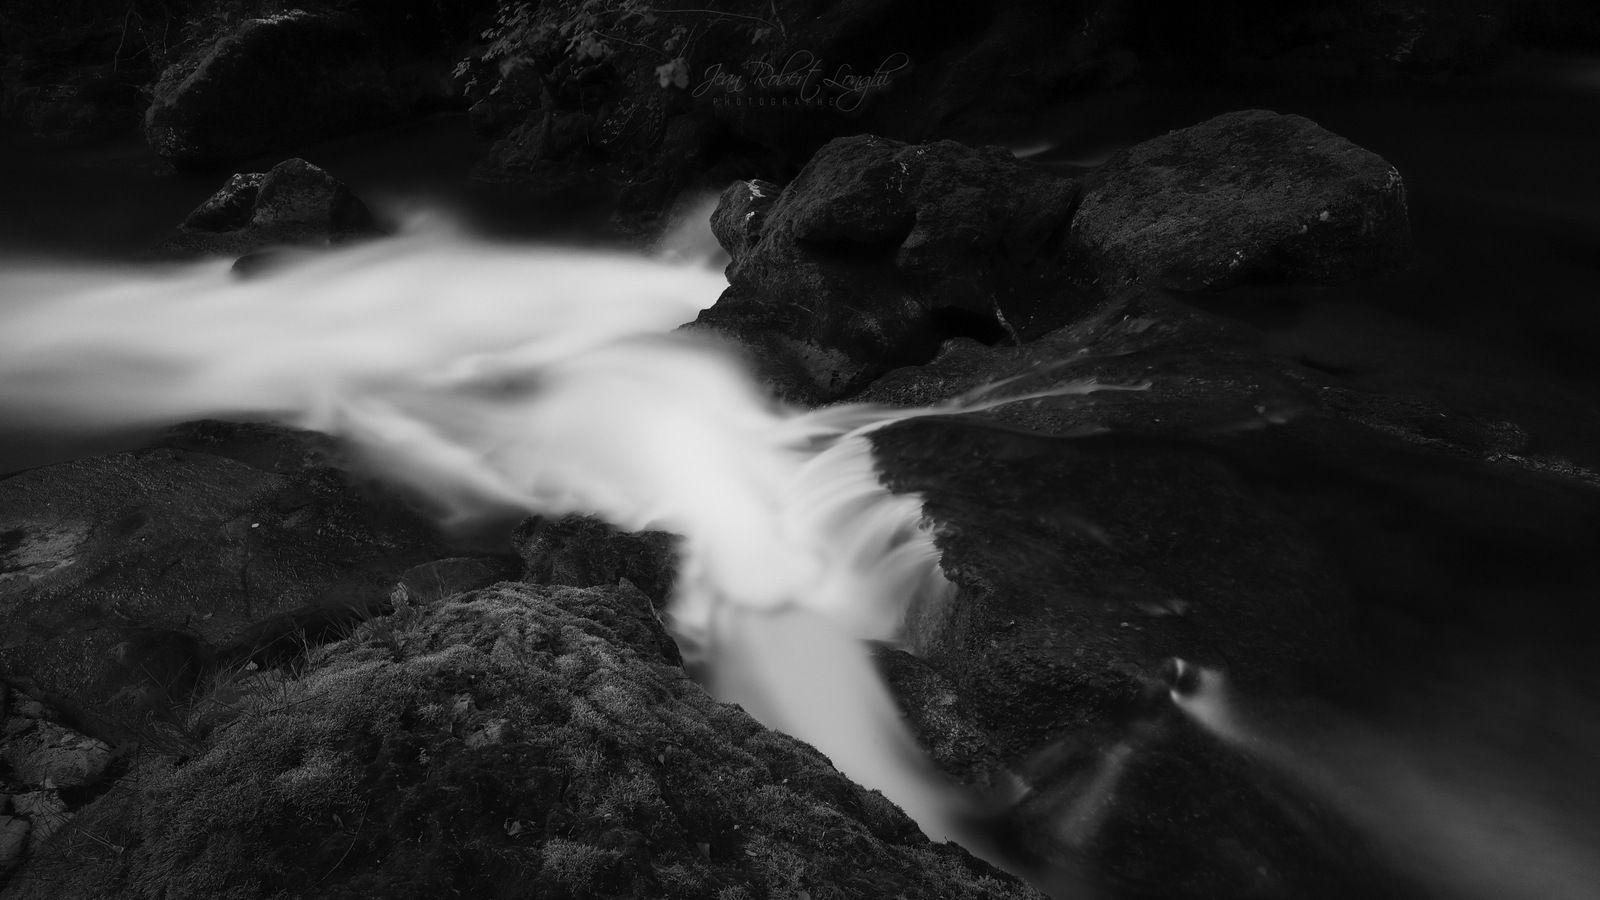 Loue et lumière 16 - ©2019 Jean-Robert Longhi Photographie non libre de droits